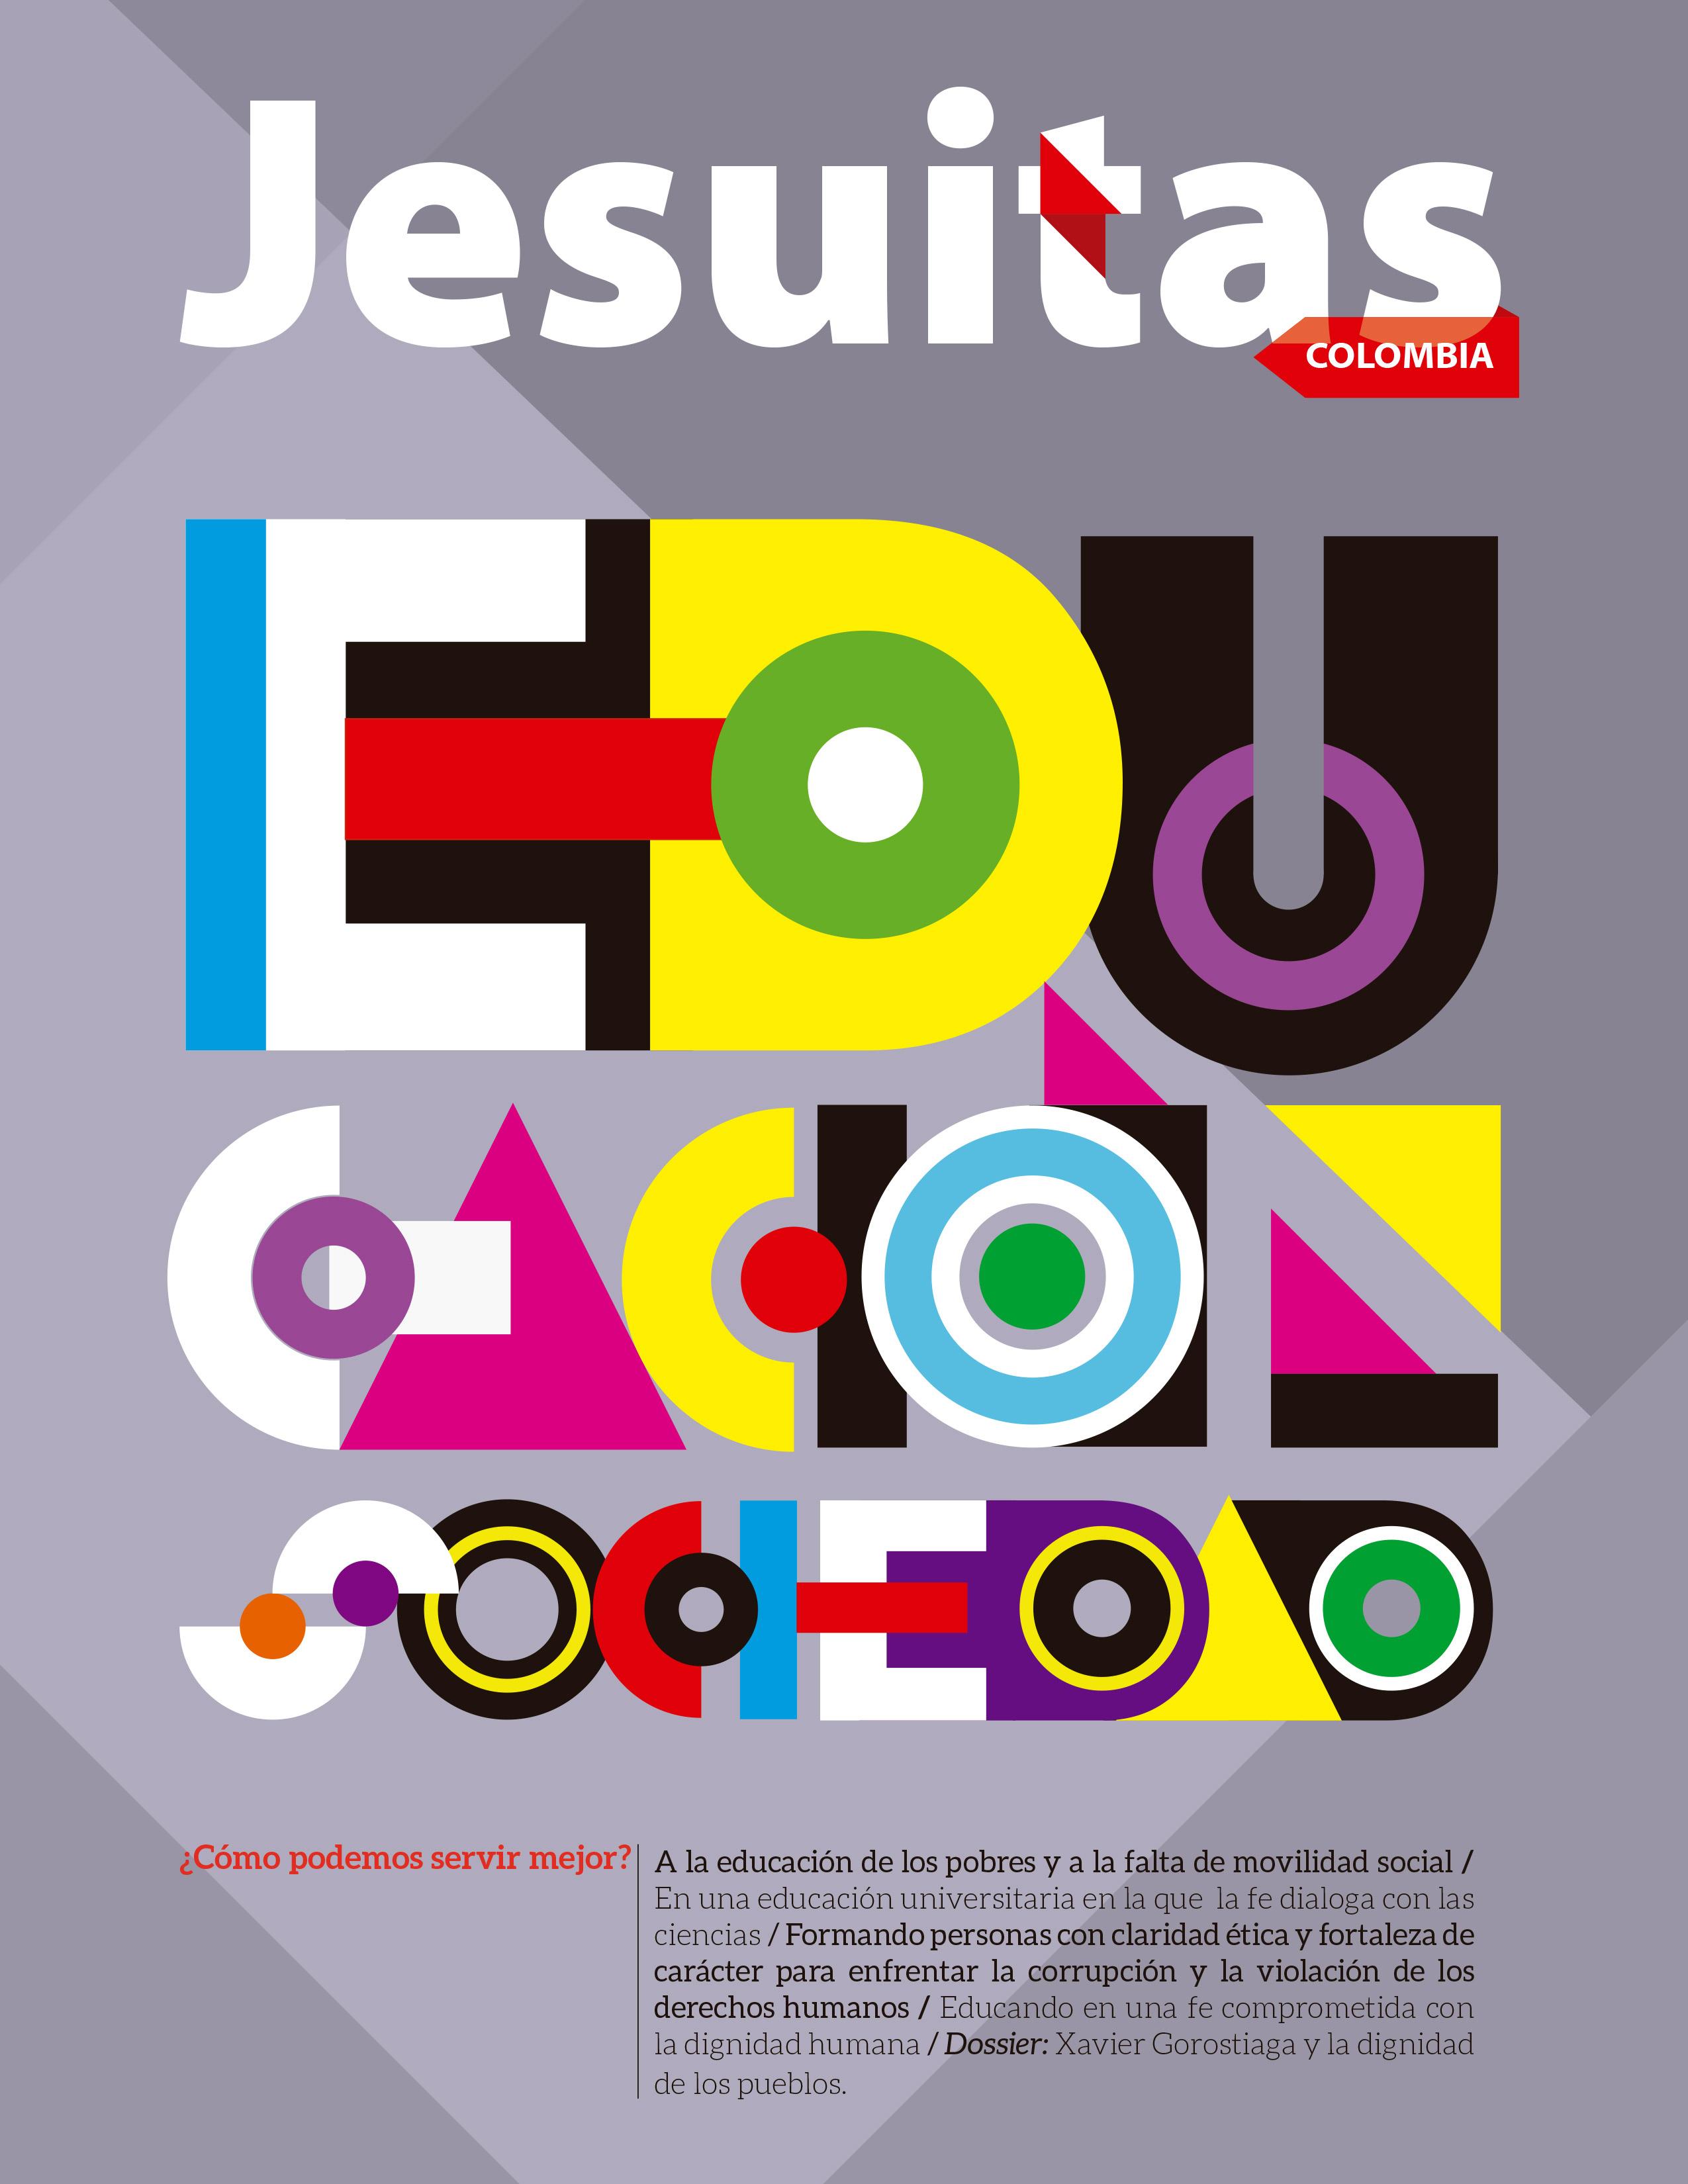 Jesuitas-Educacion-Sociedad-1